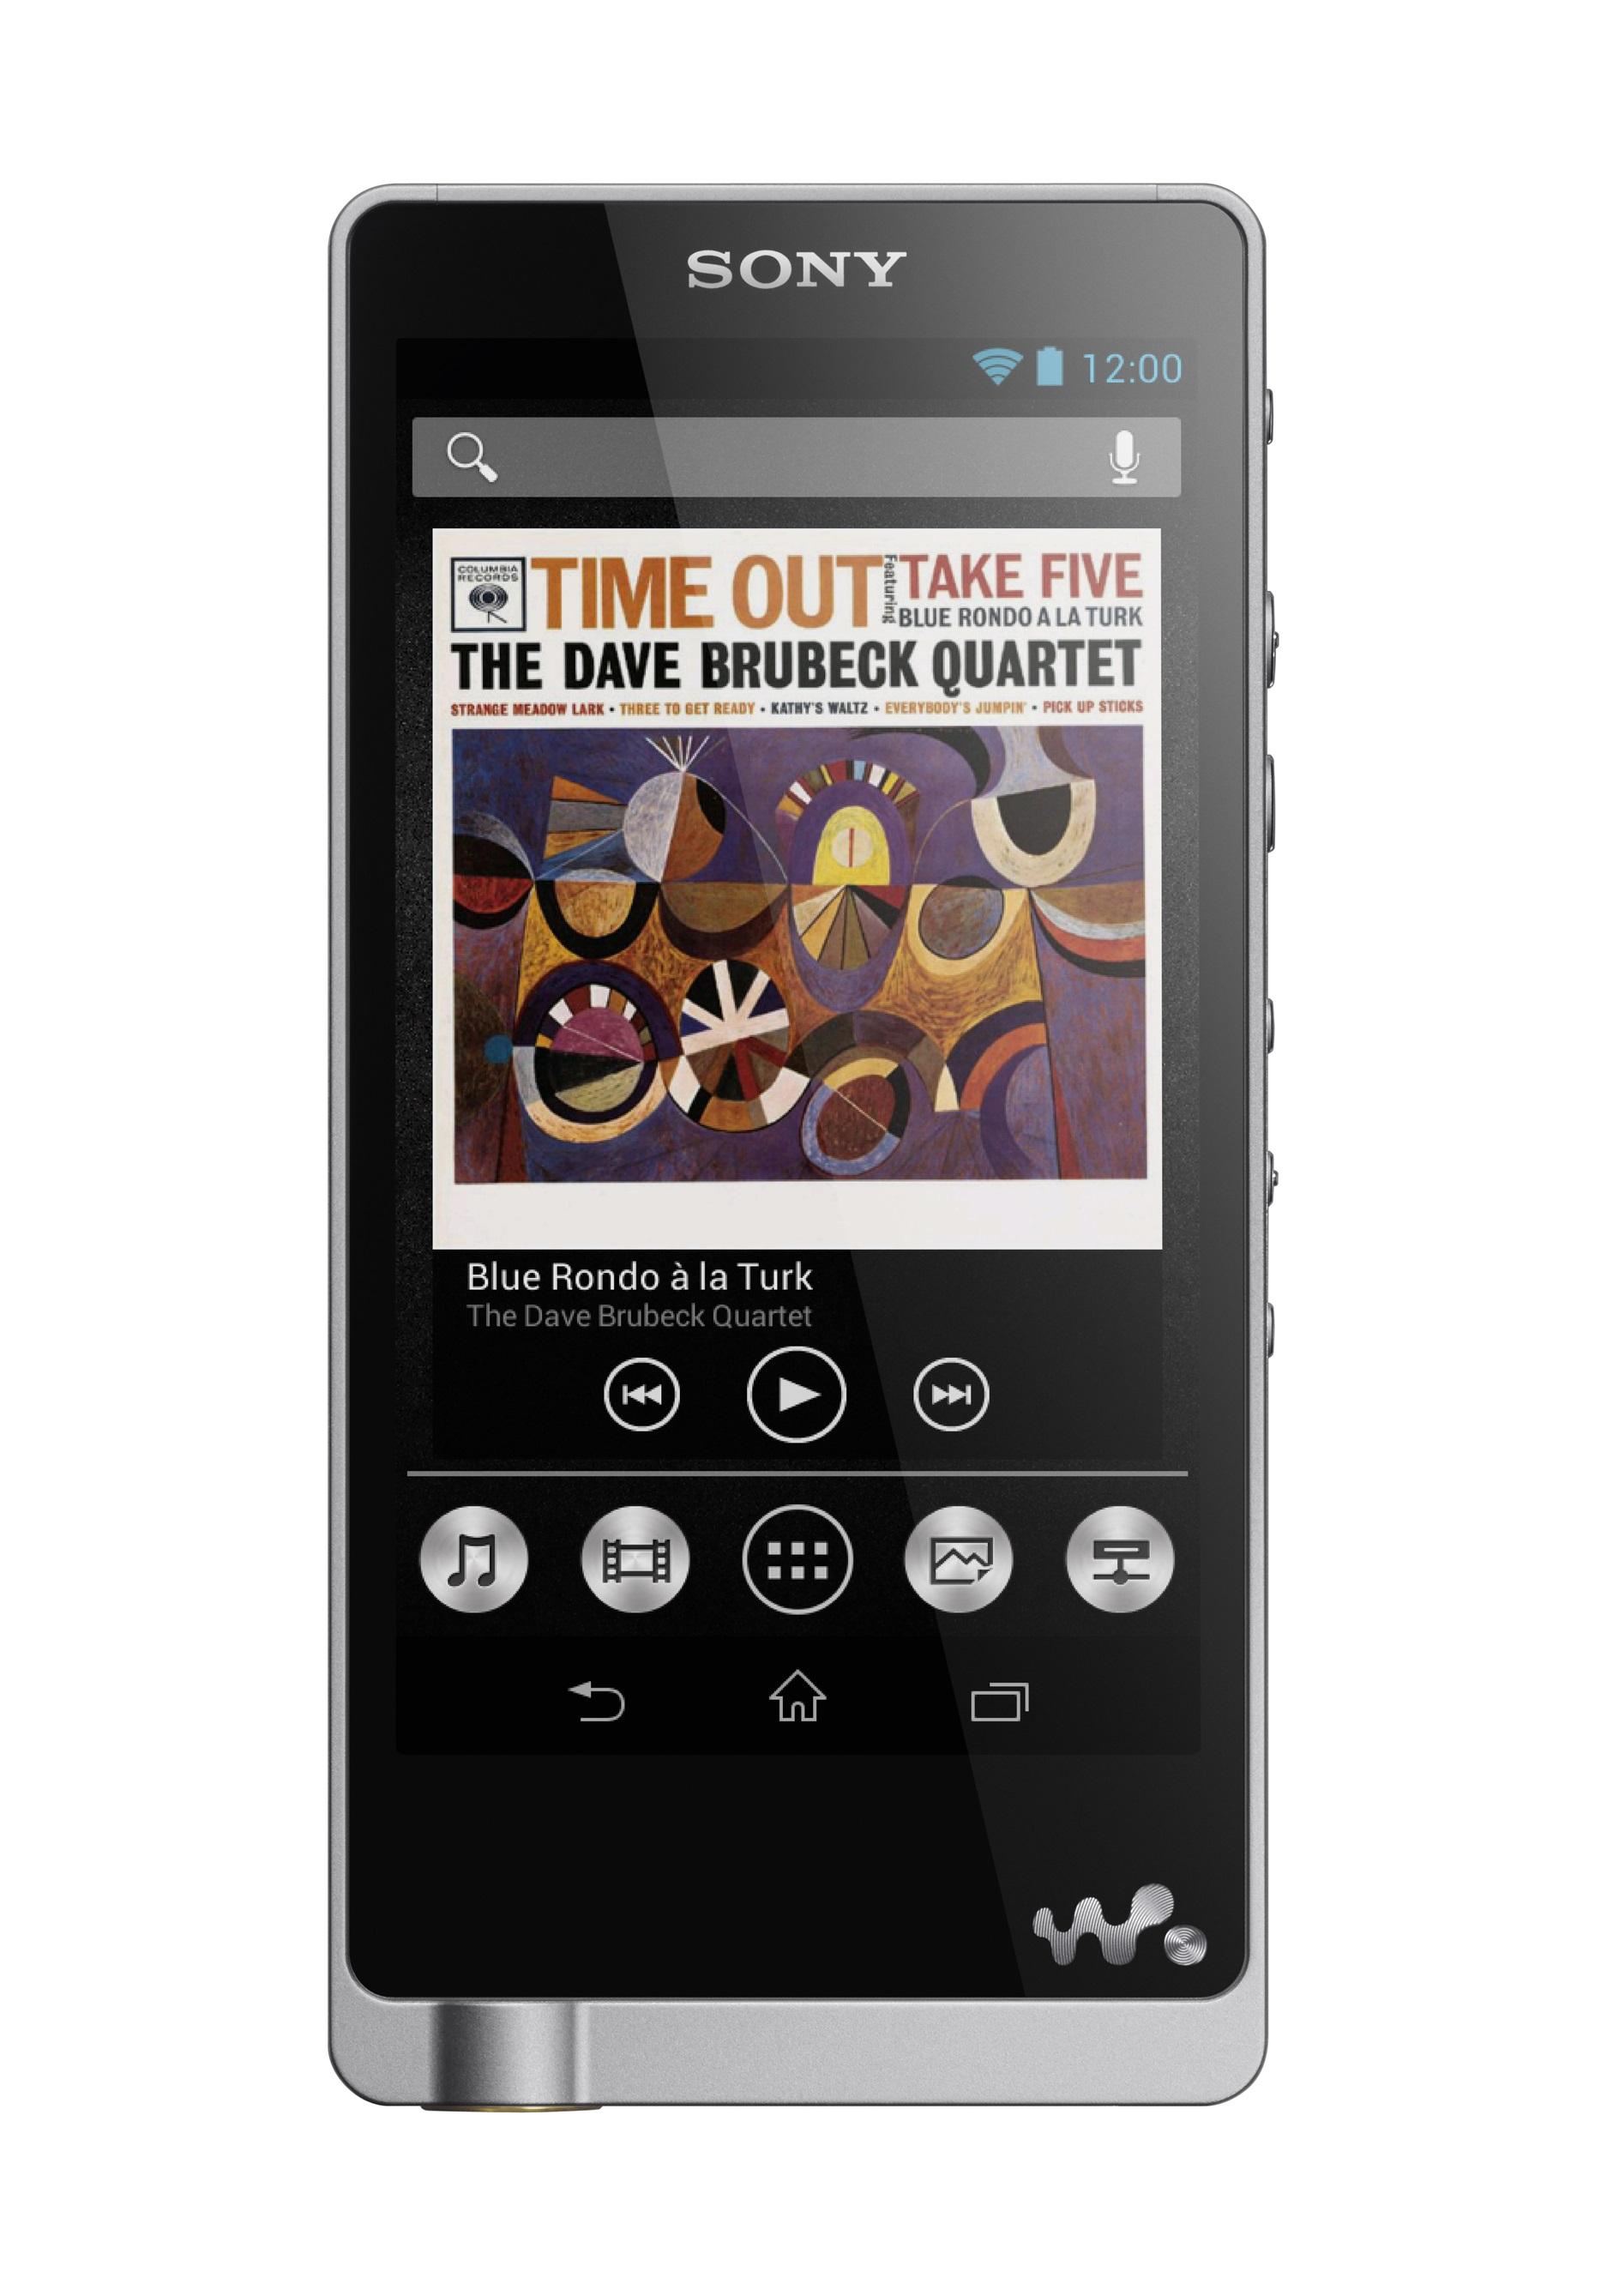 Sony's new Walkman NWZ-ZX1 targets audiophiles